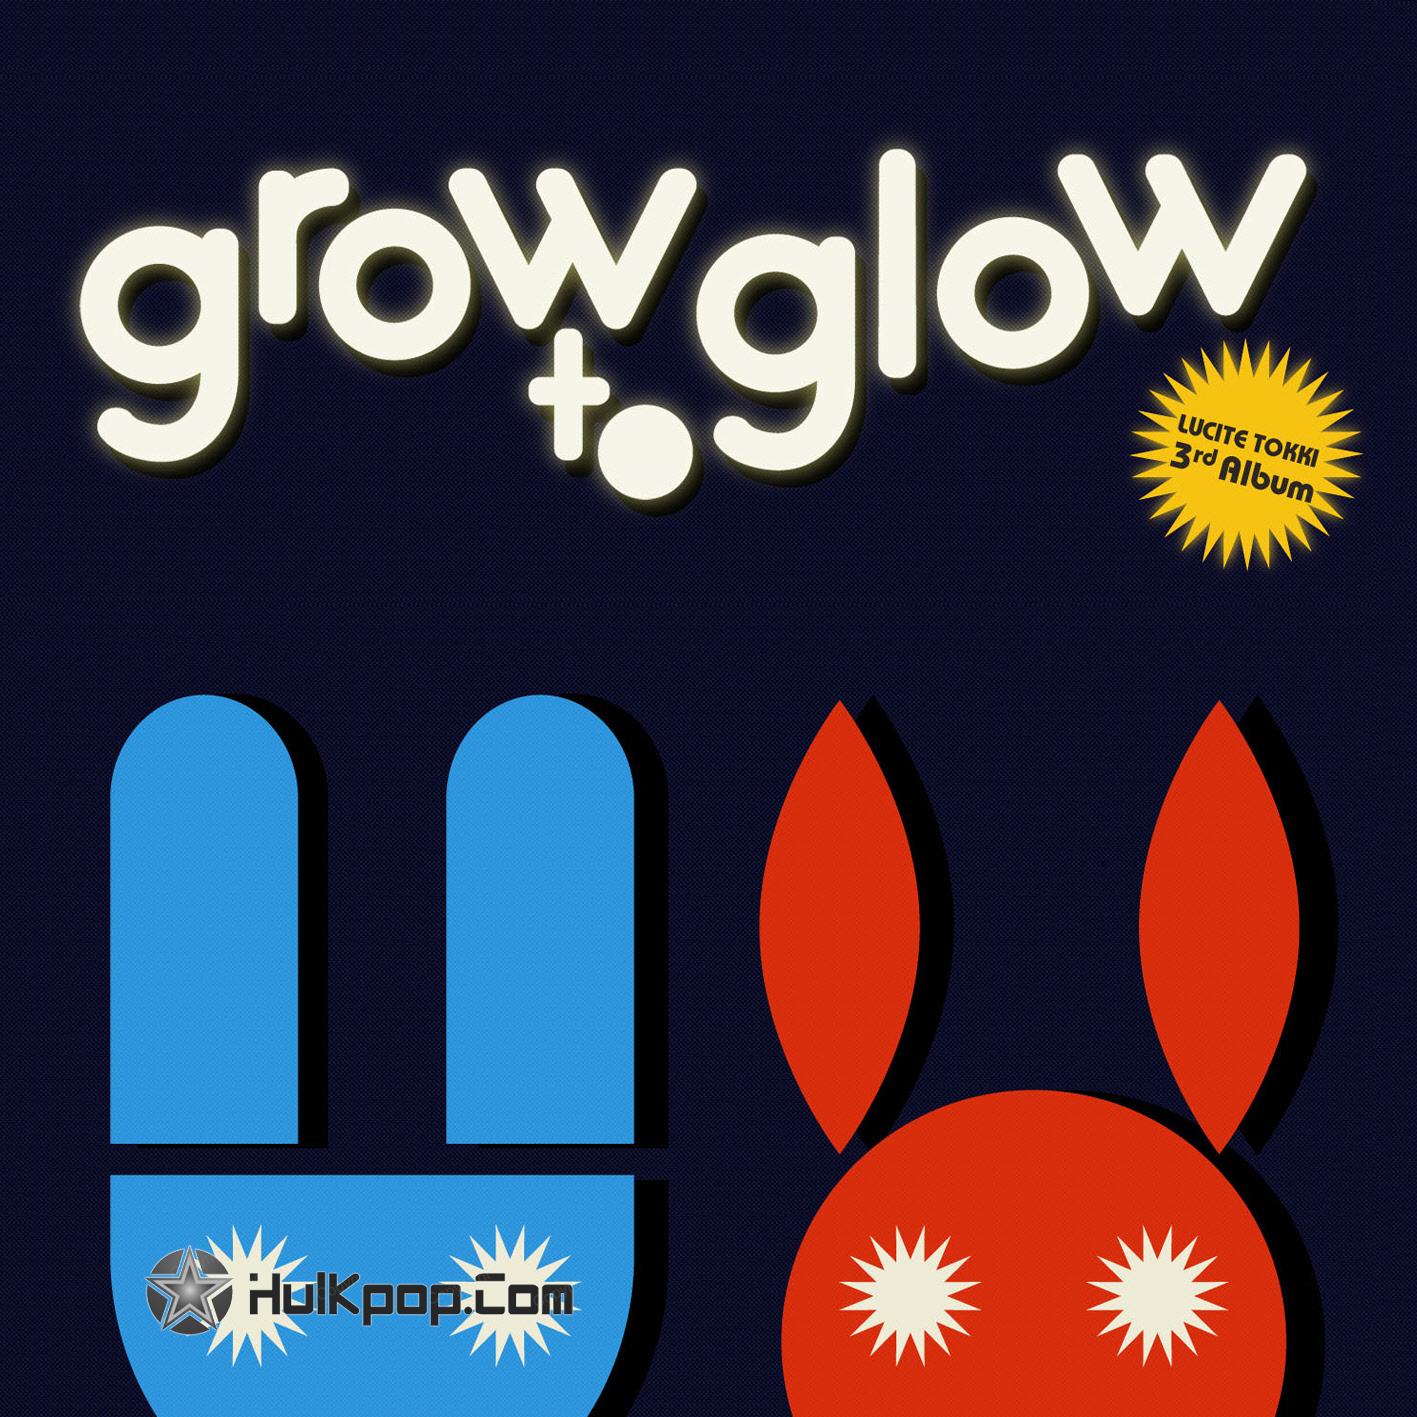 Lucite Tokki – Vol.3 Grow To Glow (ITUNES MATCH AAC M4A)